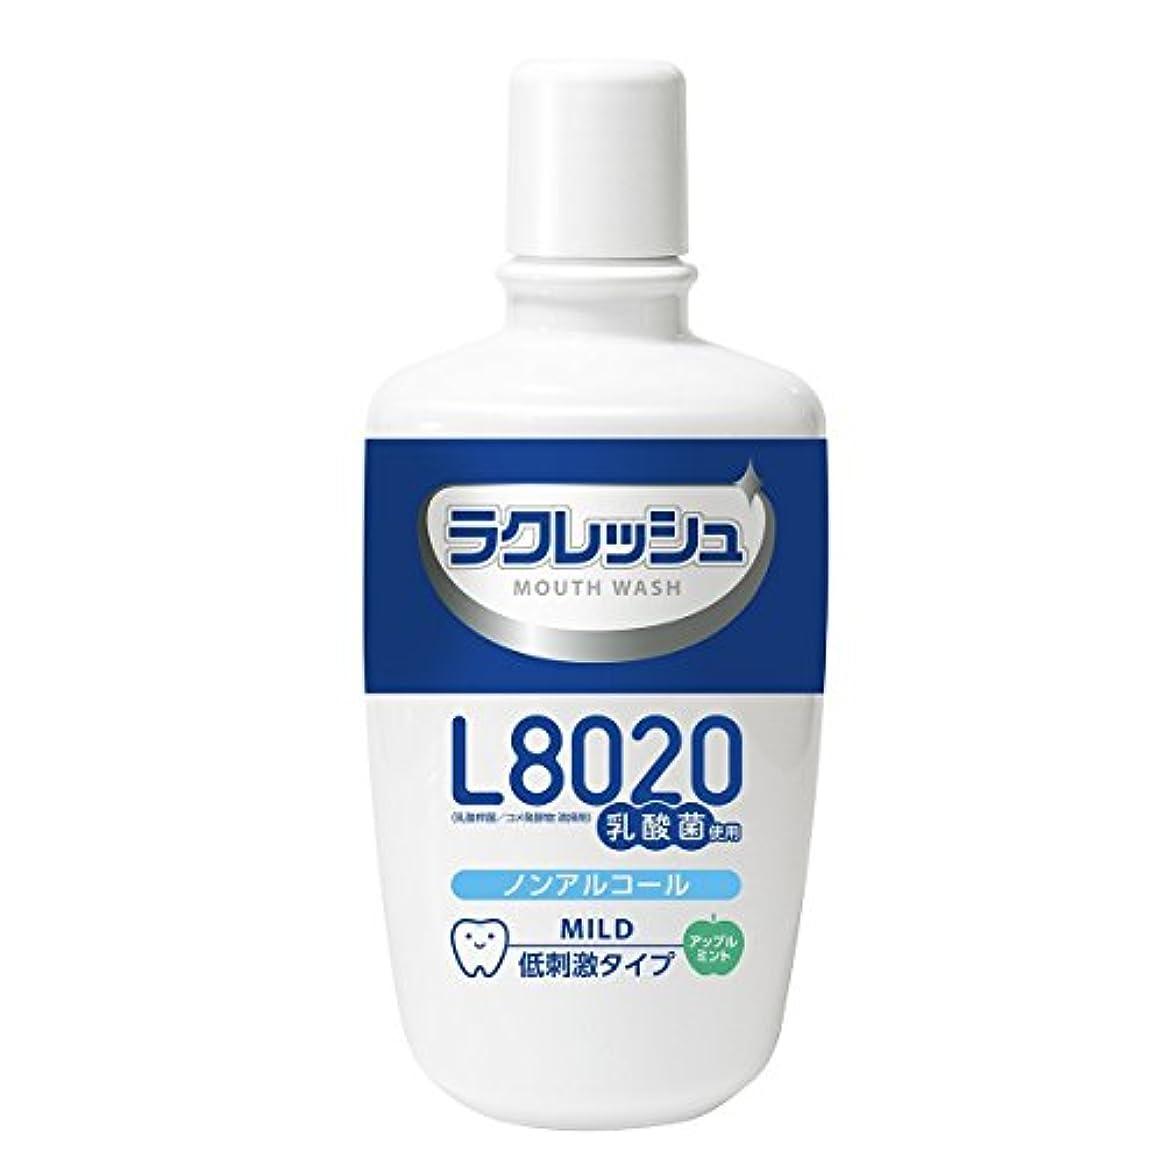 元気母性興味ラクレッシュ L8020菌 マウスウォッシュ 3本セット (マイルド)